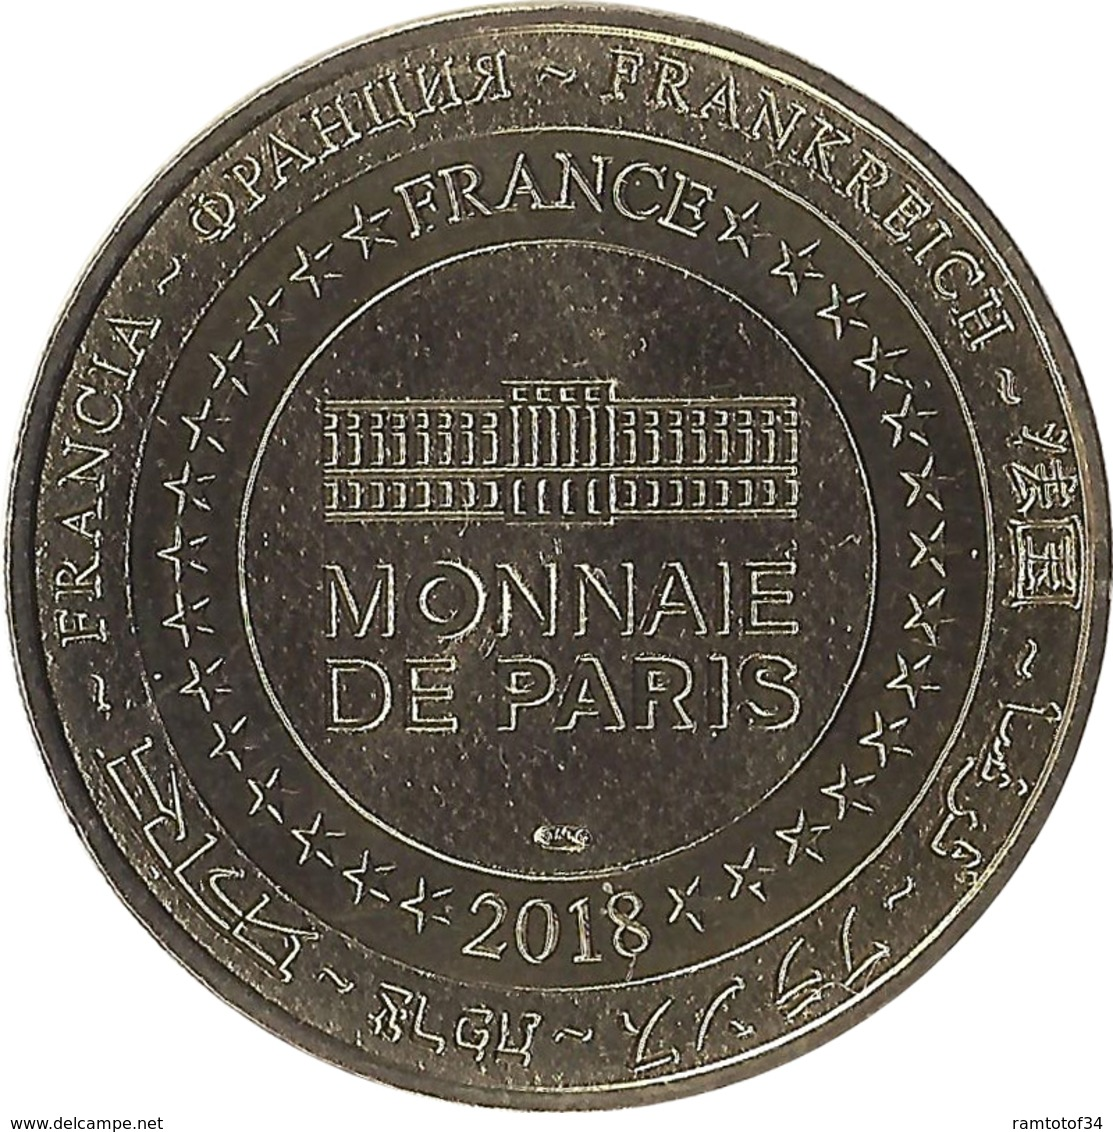 2018 MDP156 - ST CÔME DU MONT - Carentan 2 (D-Day Experience) / MONNAIE DE PARIS - Monnaie De Paris